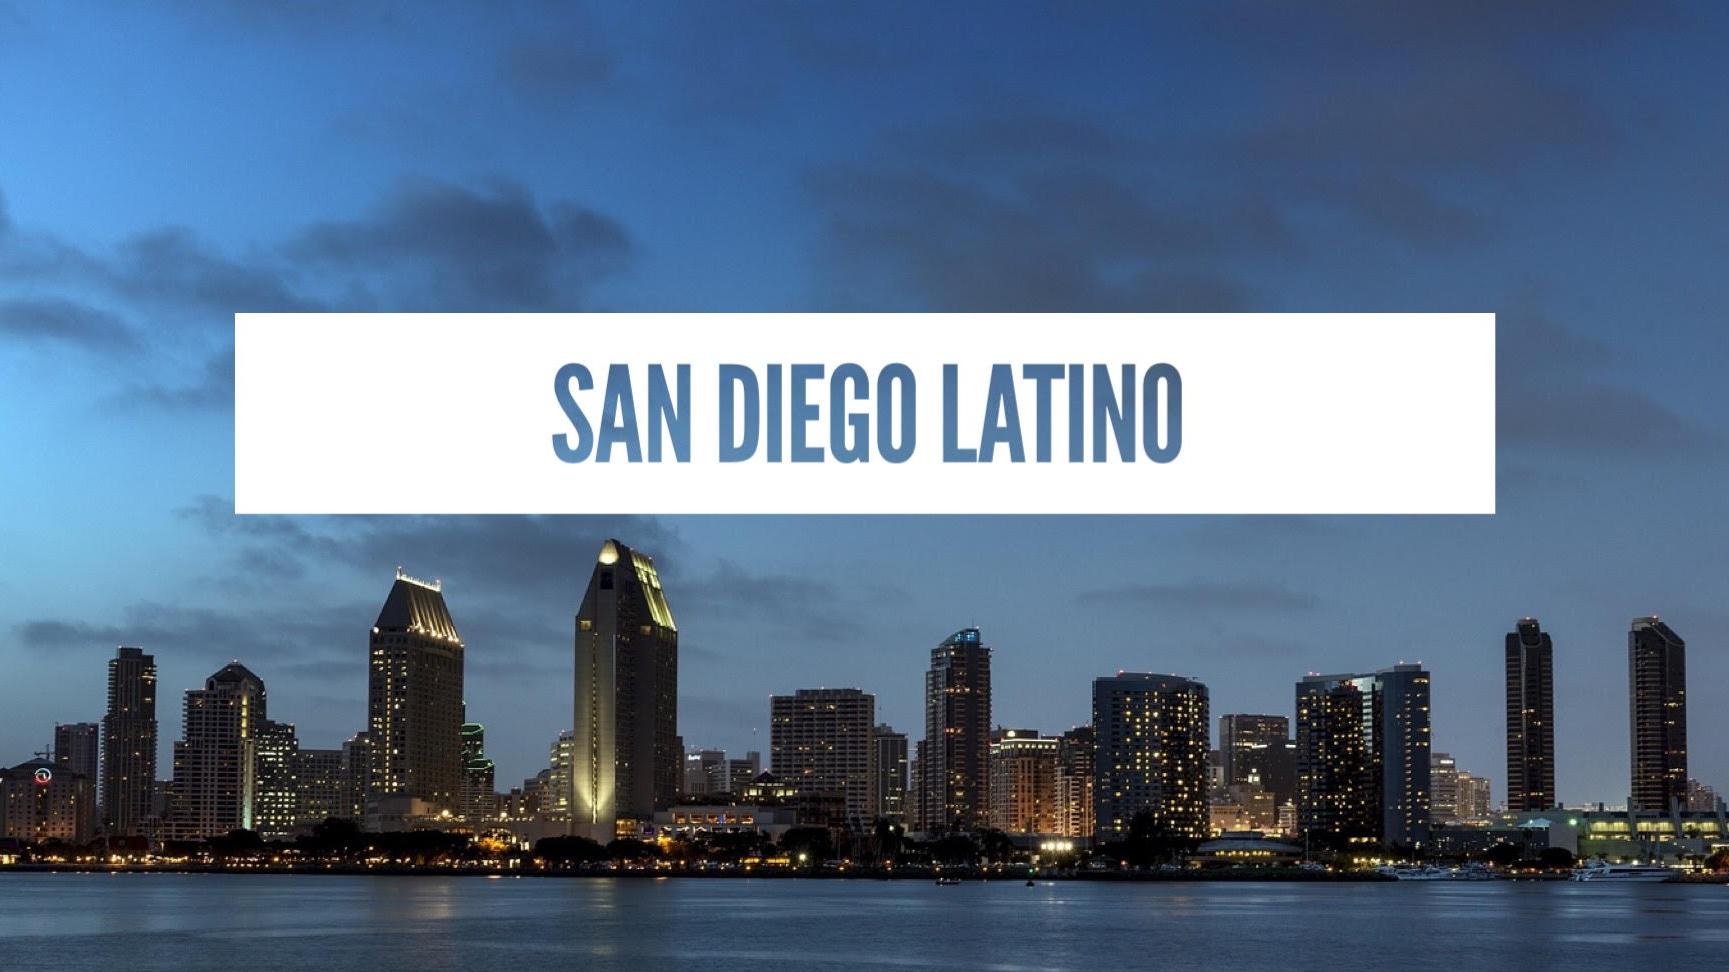 San Diego Latino